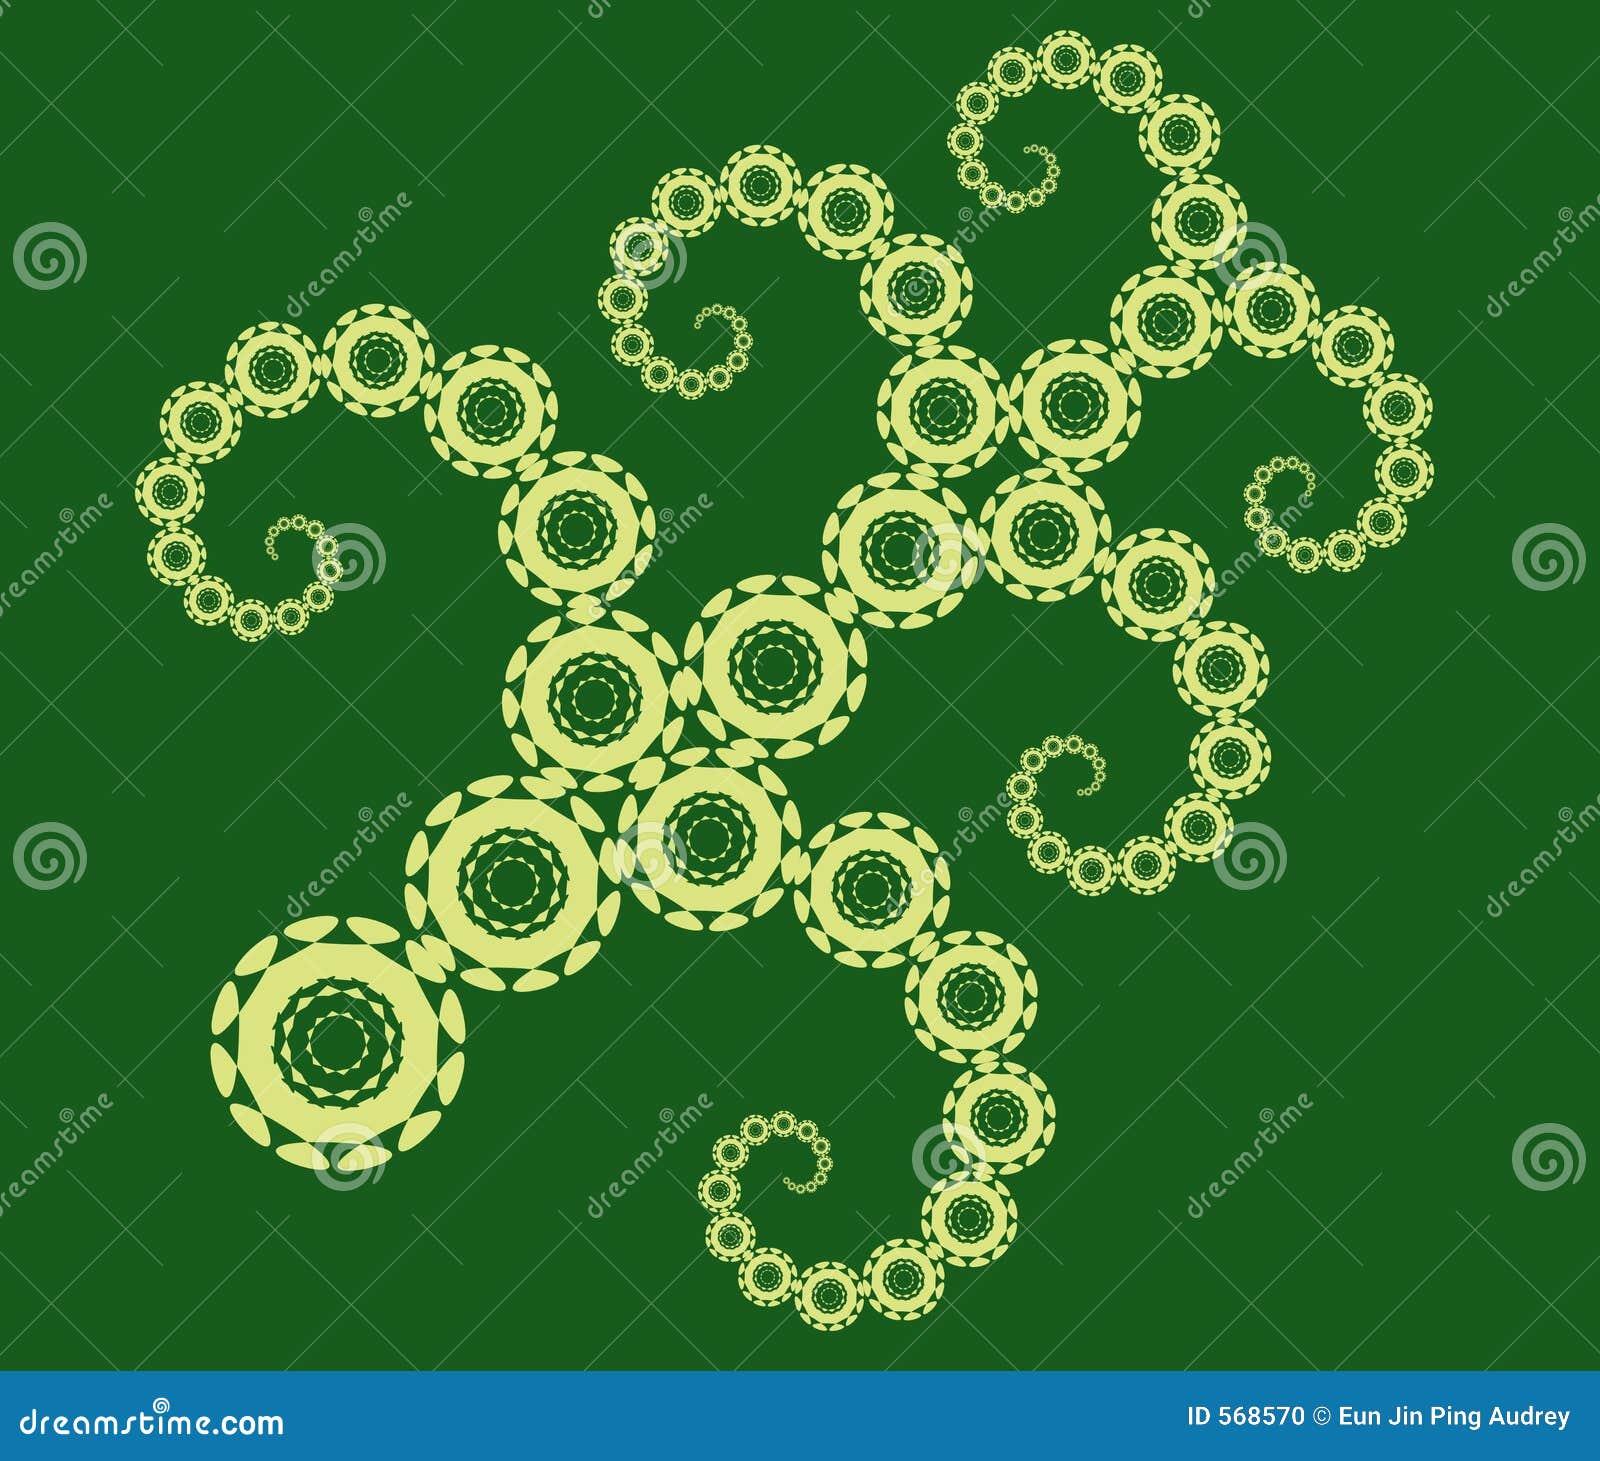 5 fractals